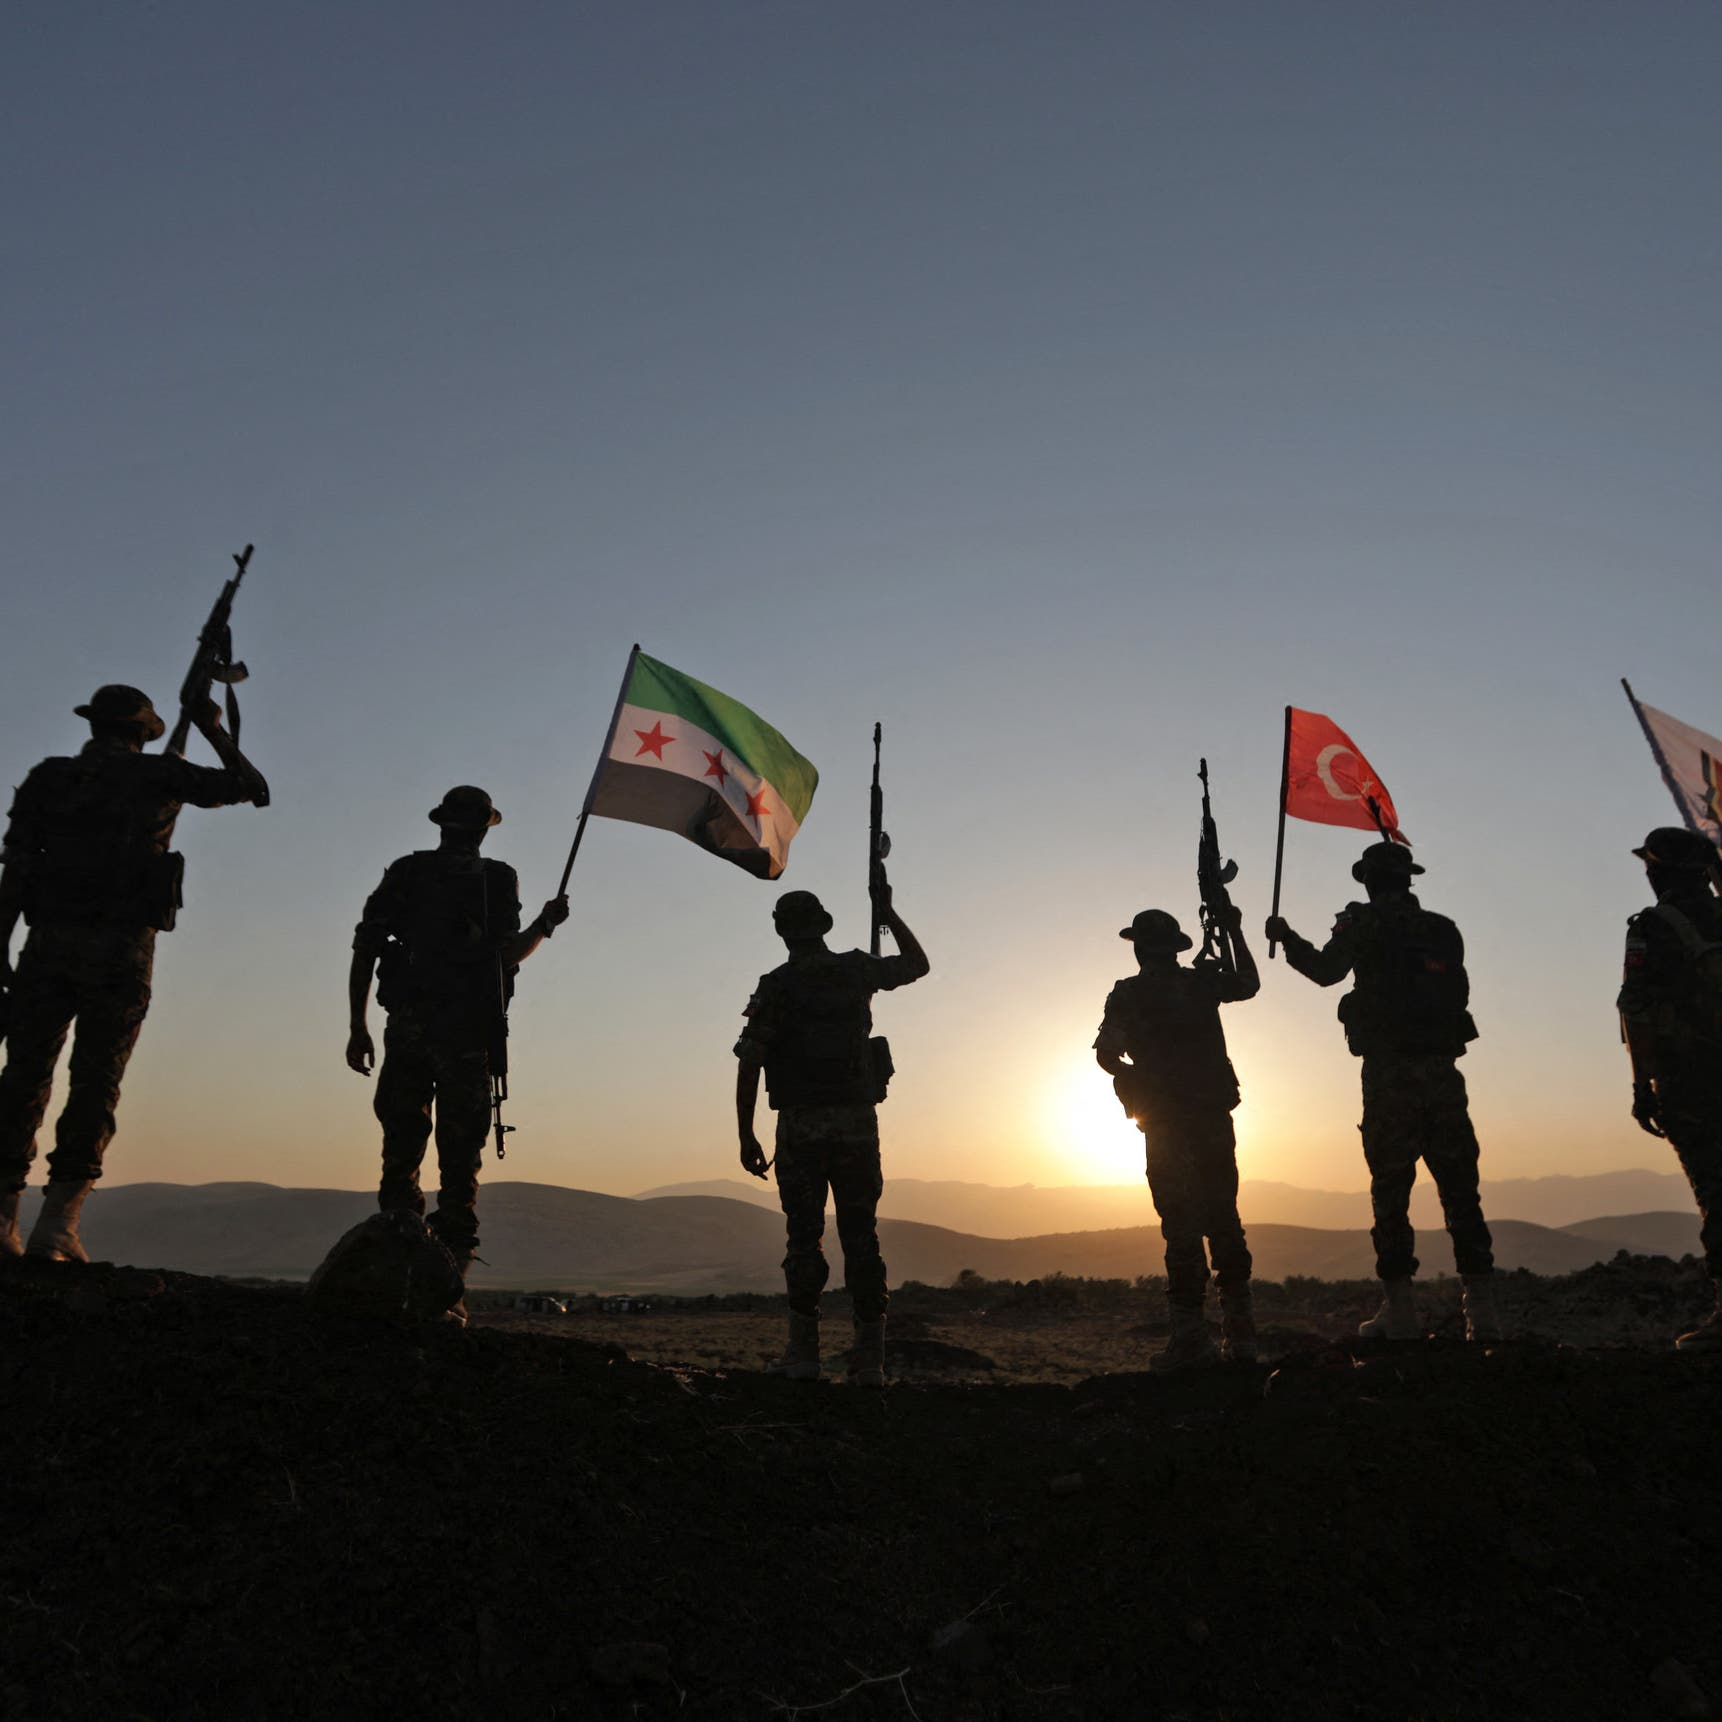 تركيا ترسل 130 مقاتلا سوريا لليبيا في عميلة تبديل لمرتزقتها